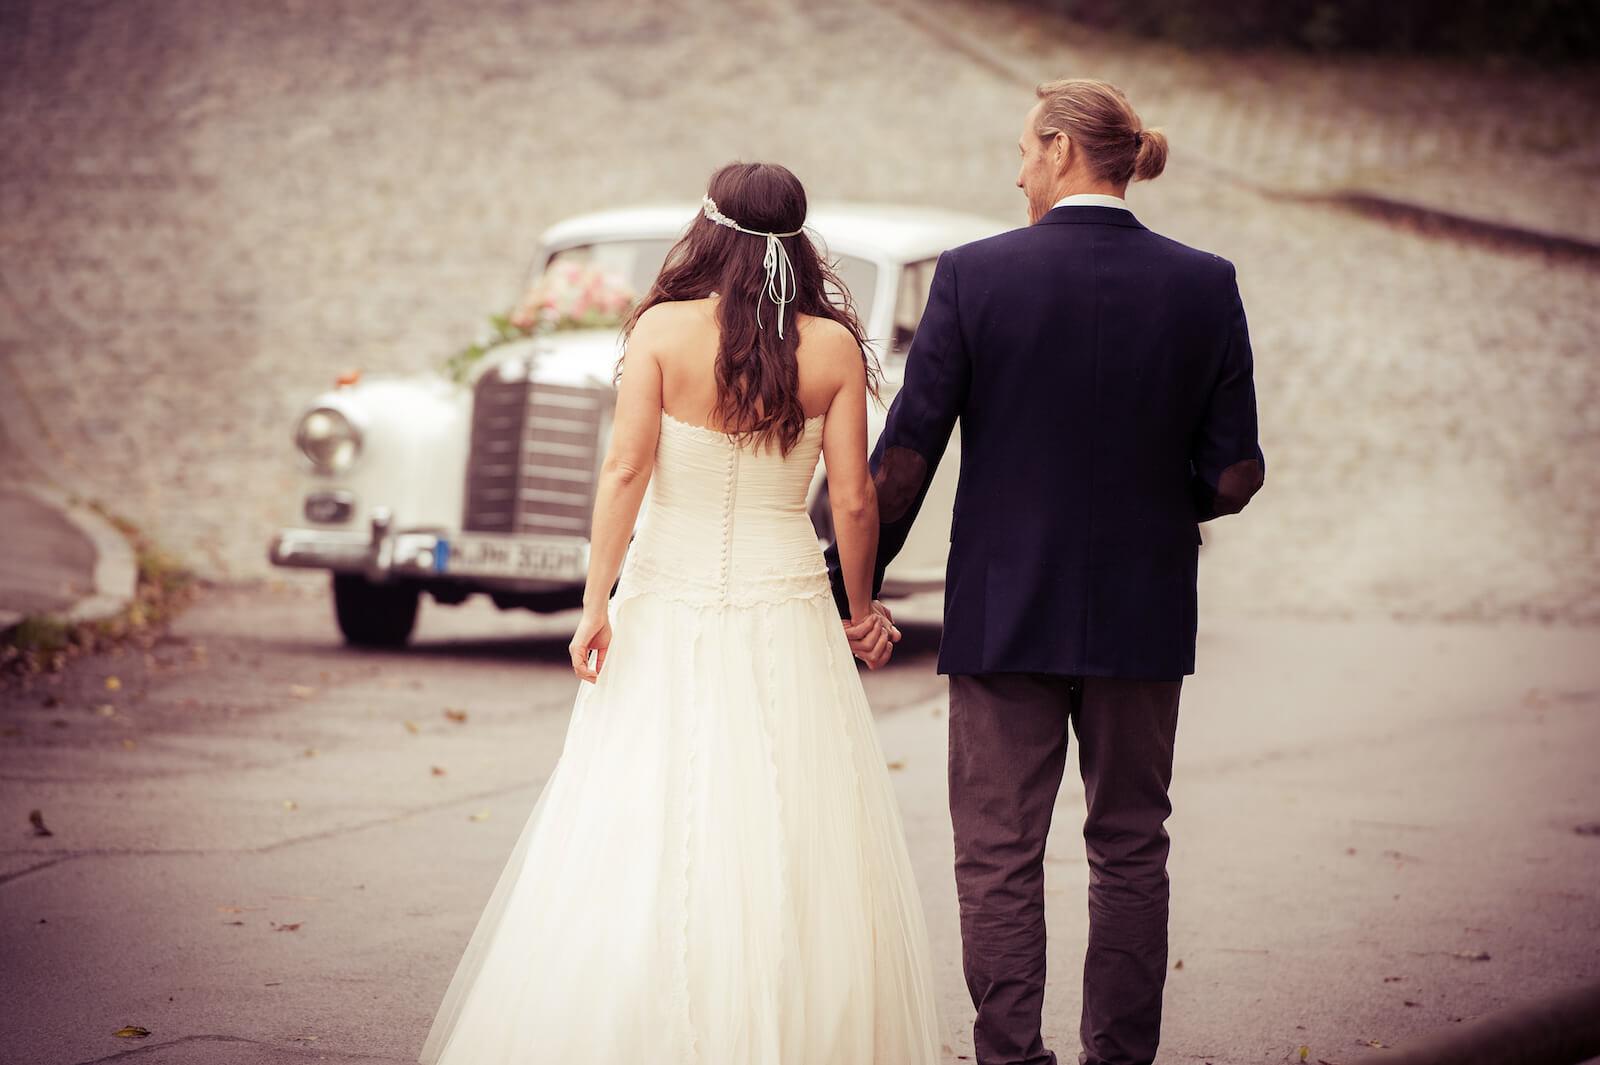 Hochzeit Bohostyle Landsberg - das Brautpaar geht zum Hochzeitsauto, ein Mercedes 300 W189